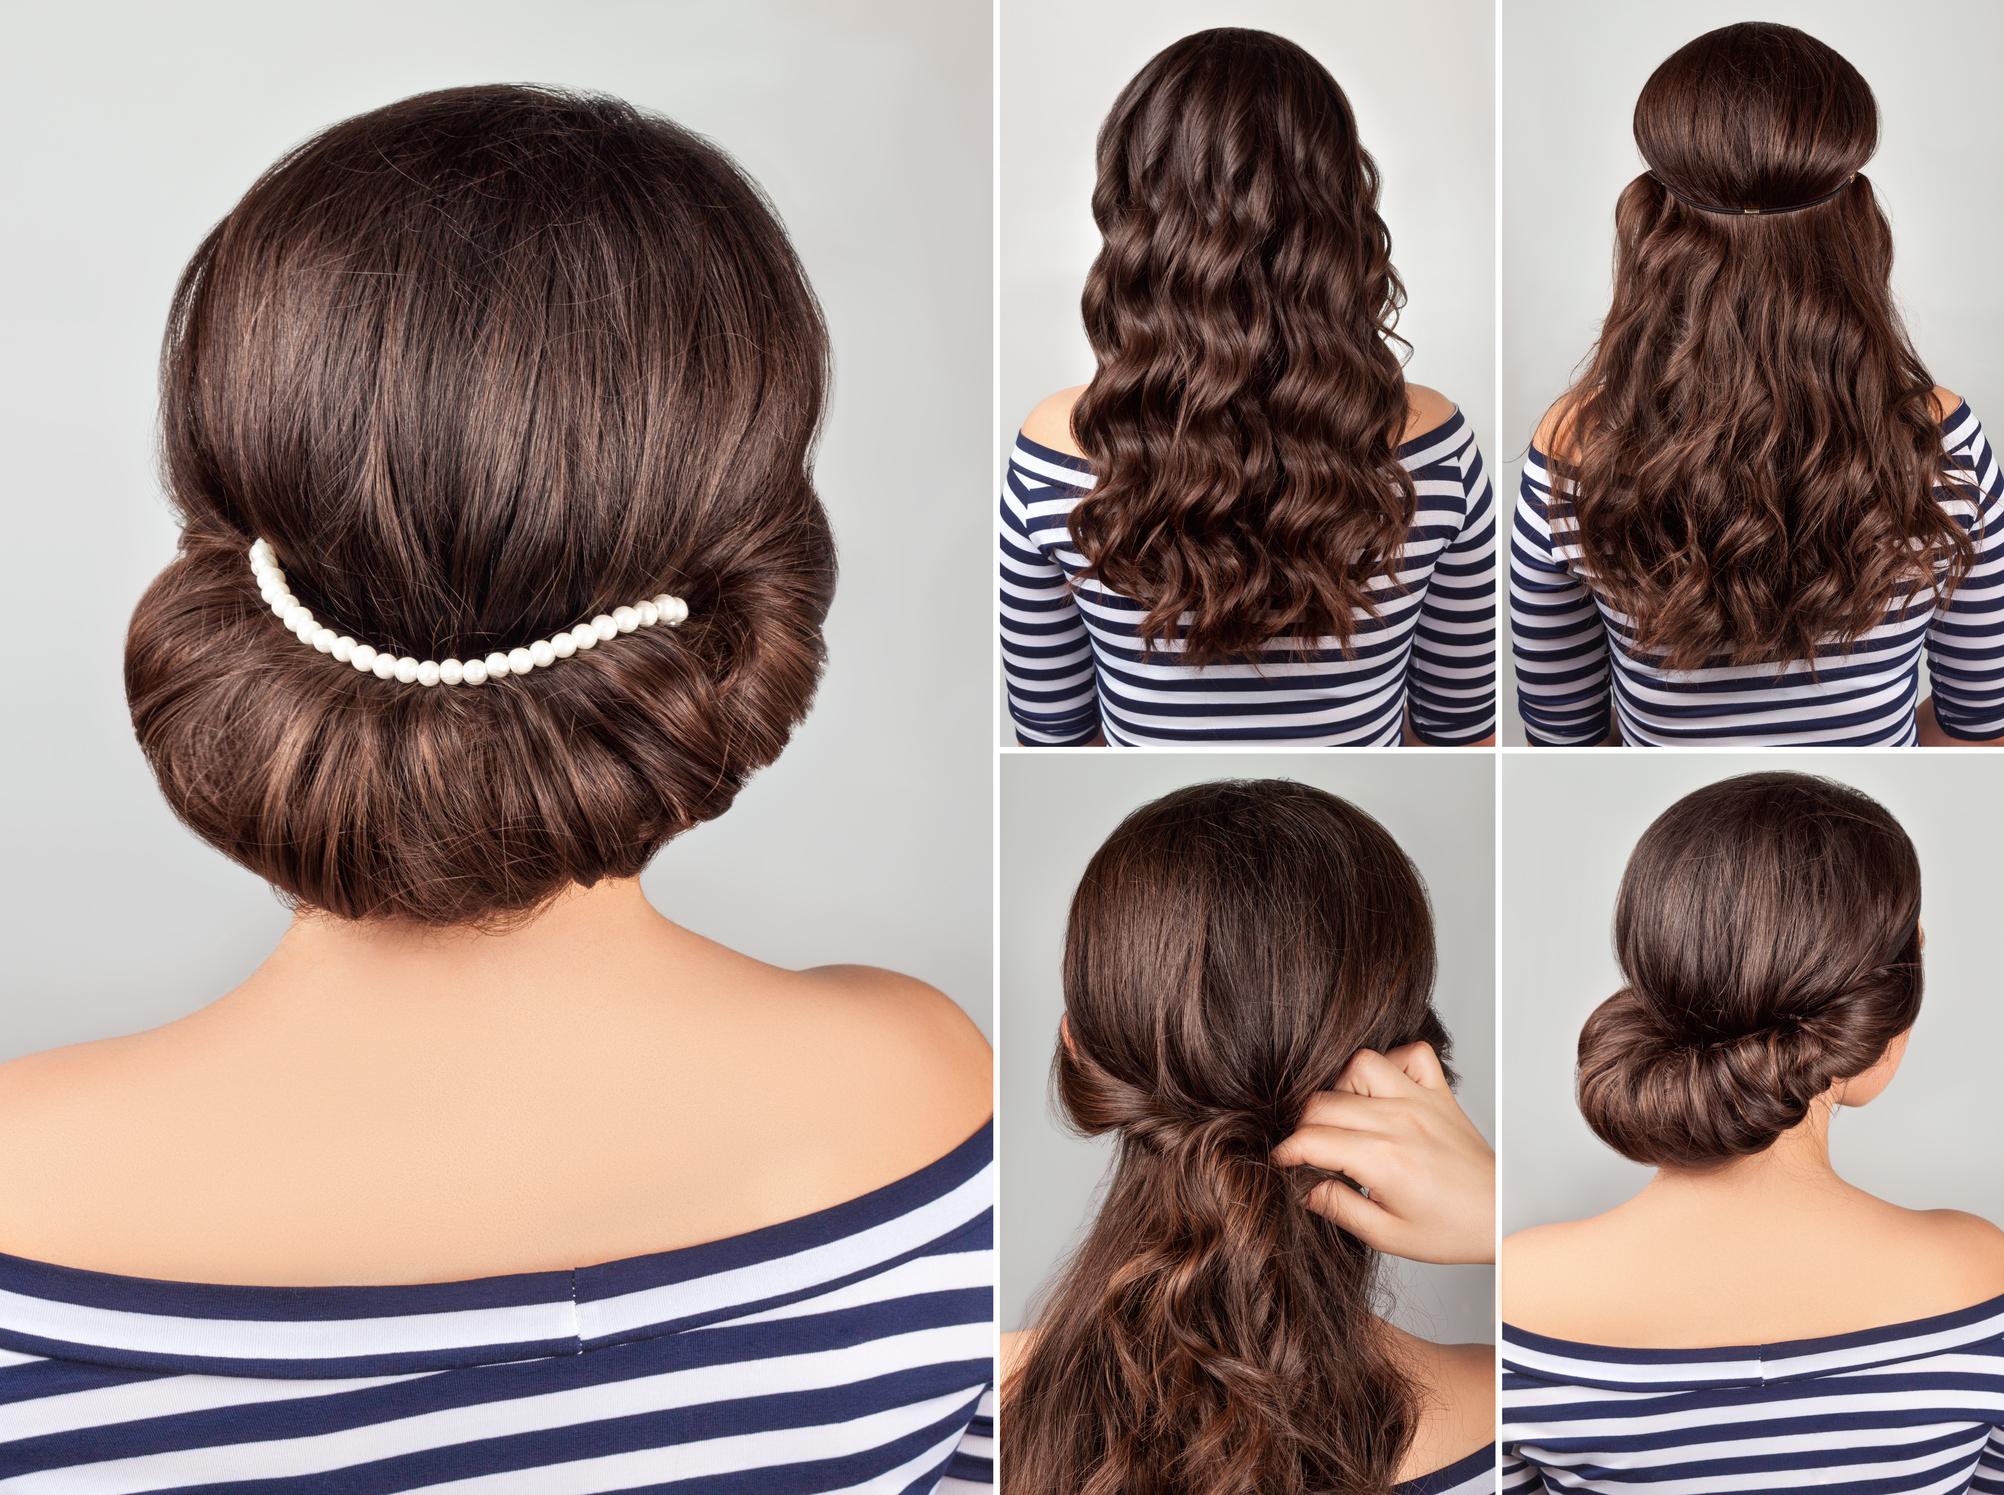 Der perfekte Dutt: Anleitungen für Dutt-Frisuren